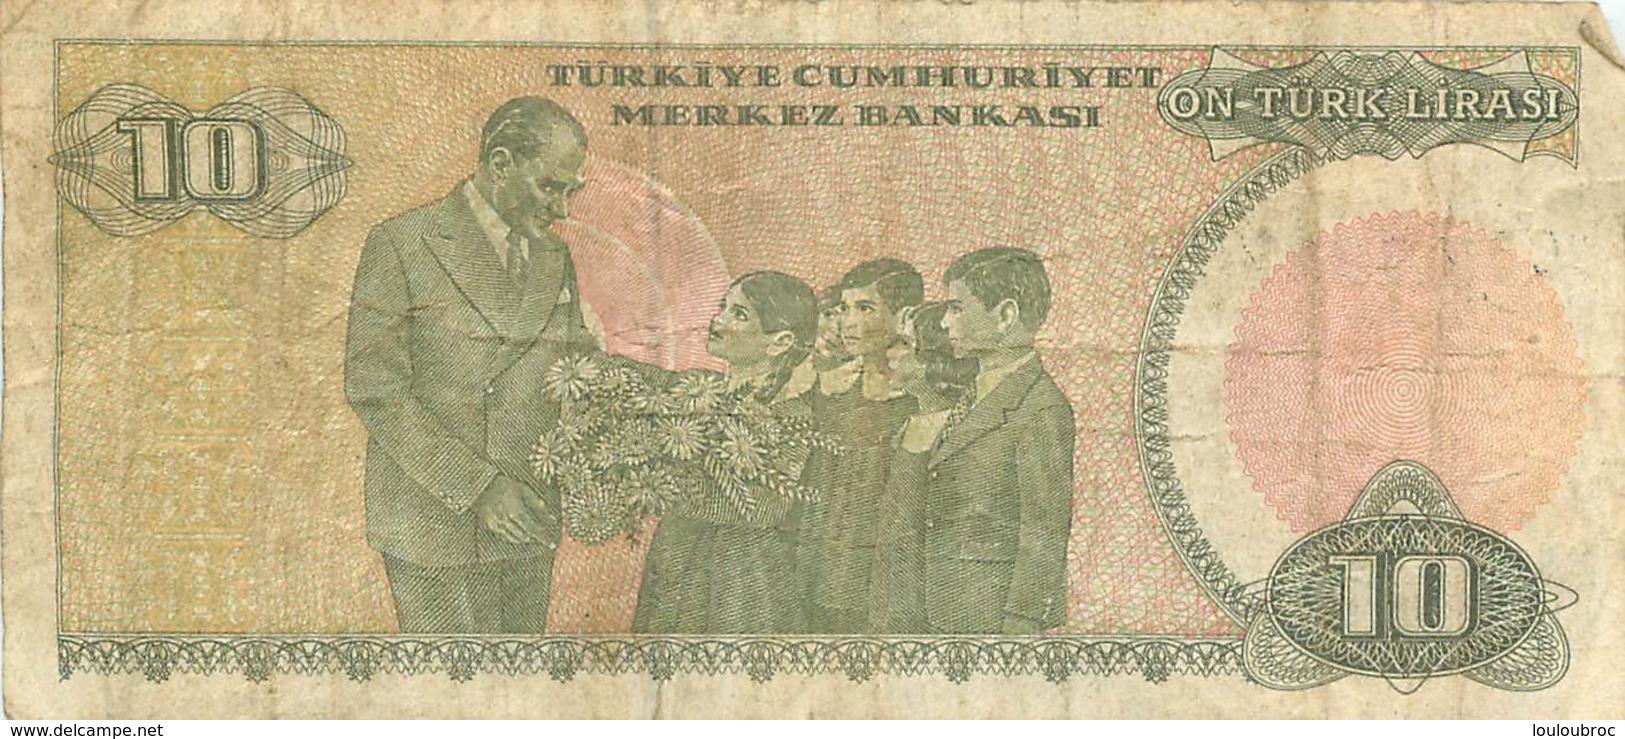 BILLET  TURKIYE 10  ON TURK LIRASI - Türkei